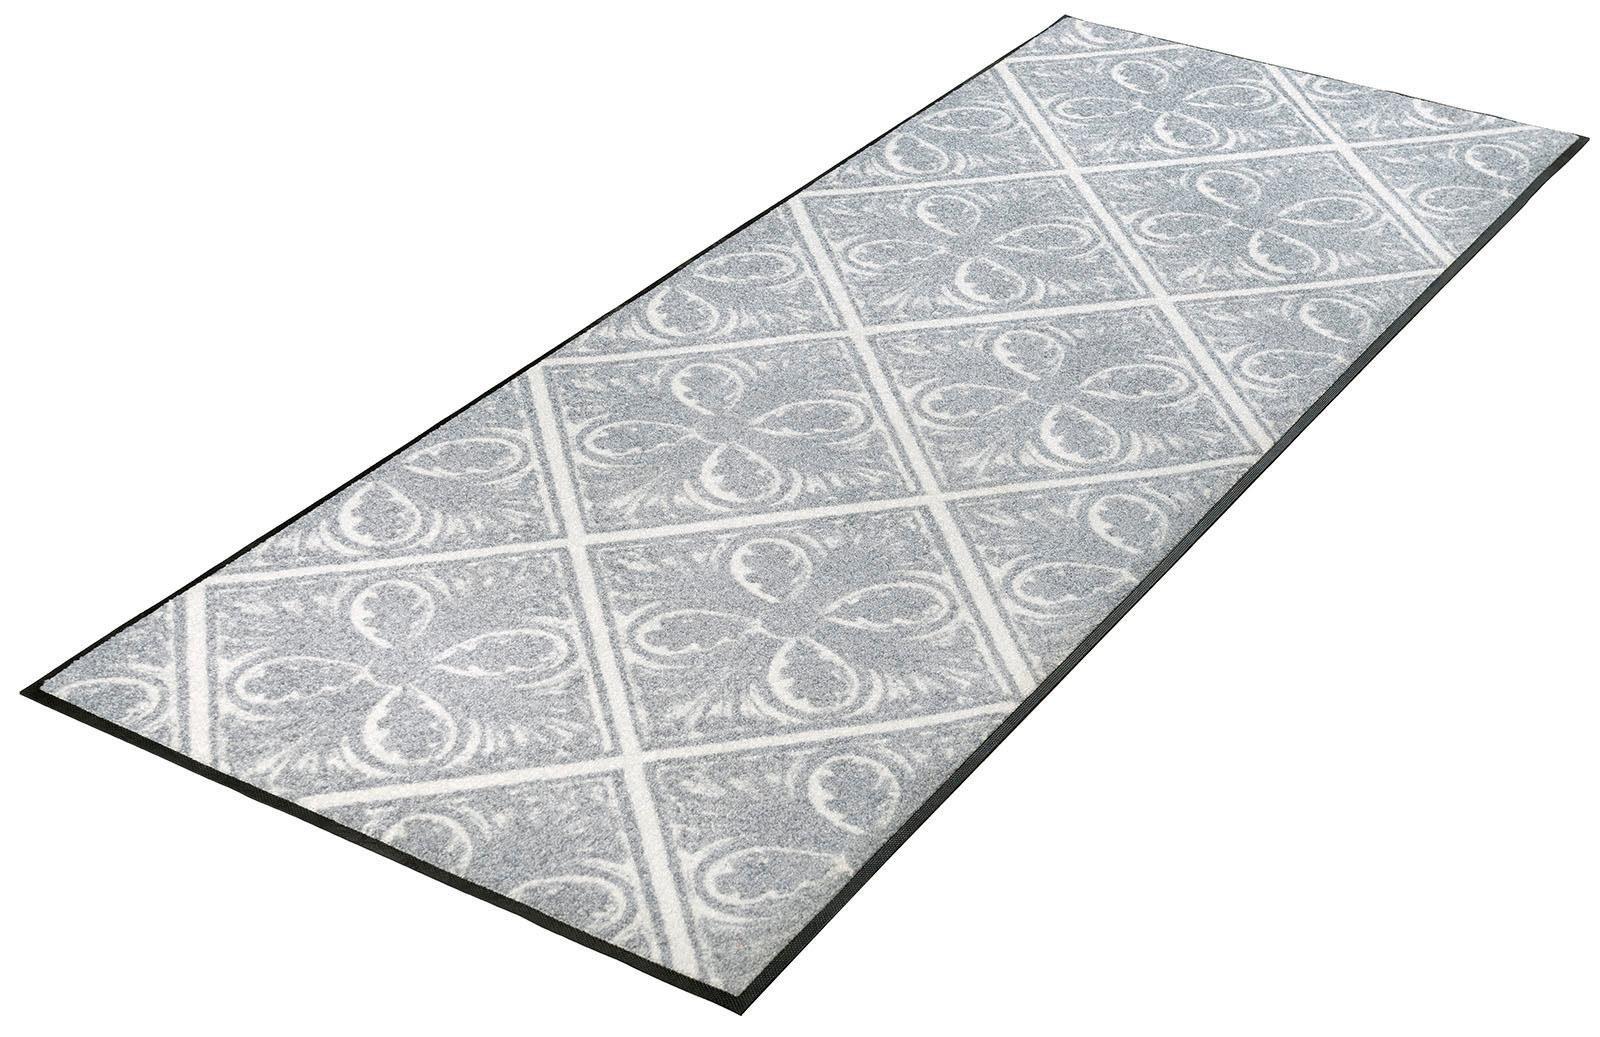 Küchenläufer »Adorno«, wash+dry by Kleen-Tex, rechteckig, Höhe 7 mm